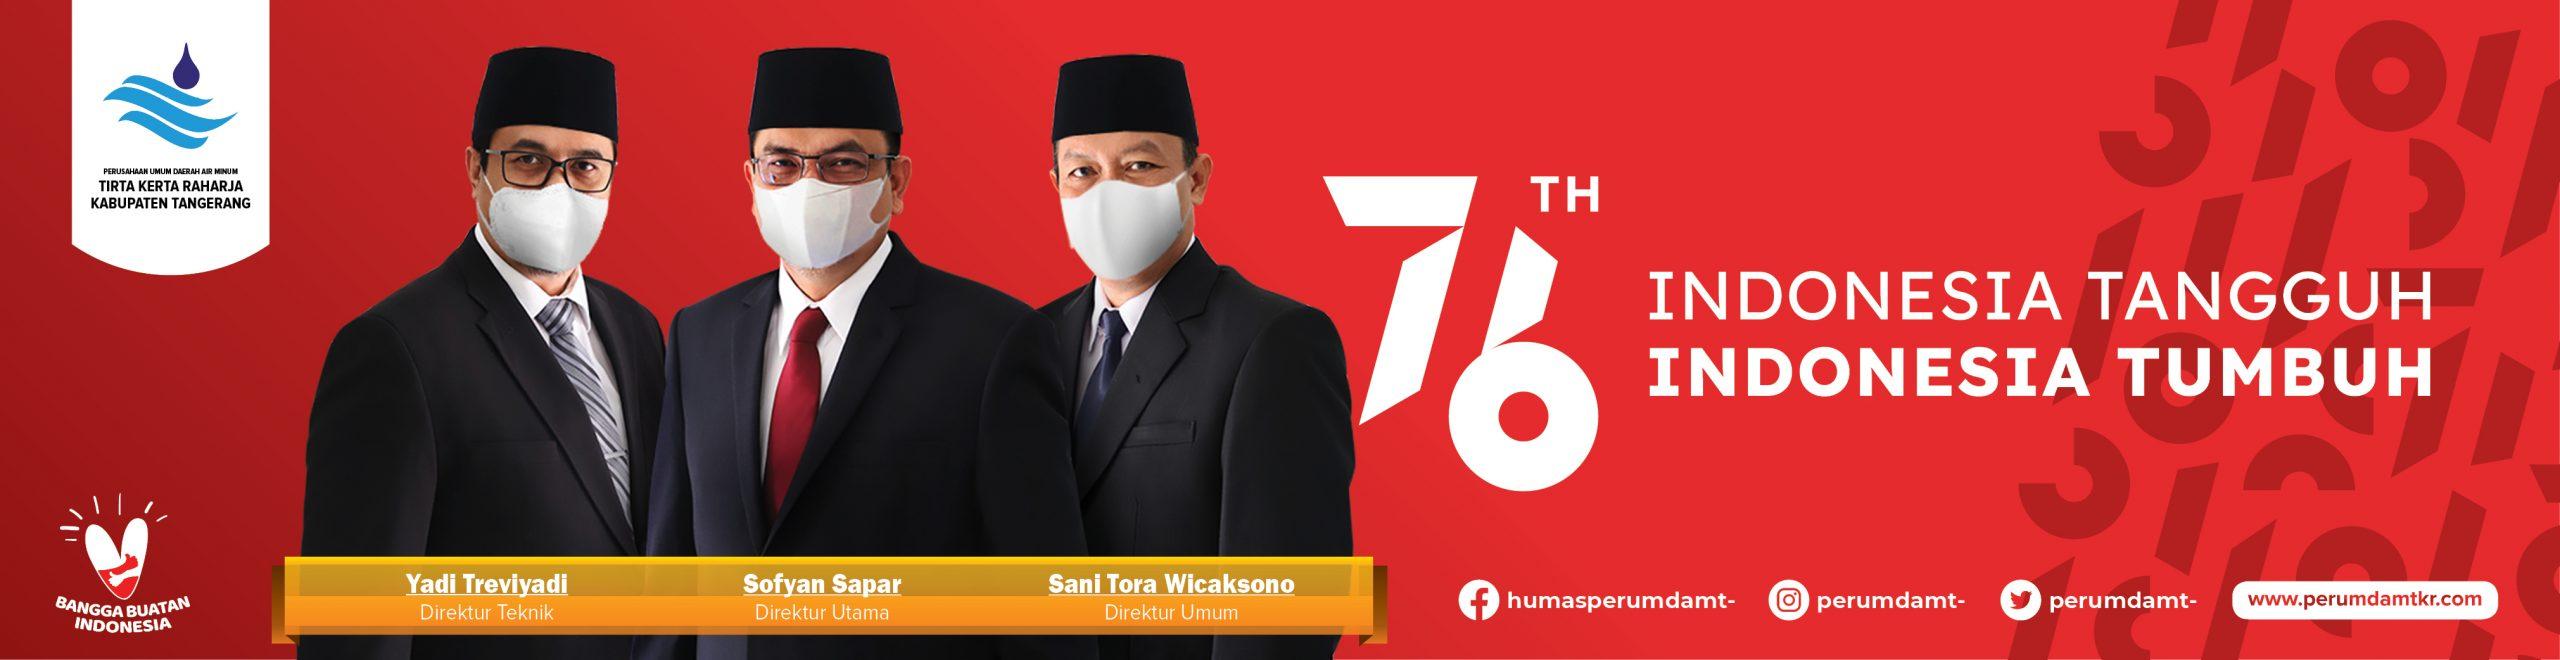 iklan perumdam tkr ucapan hut ri ke 76